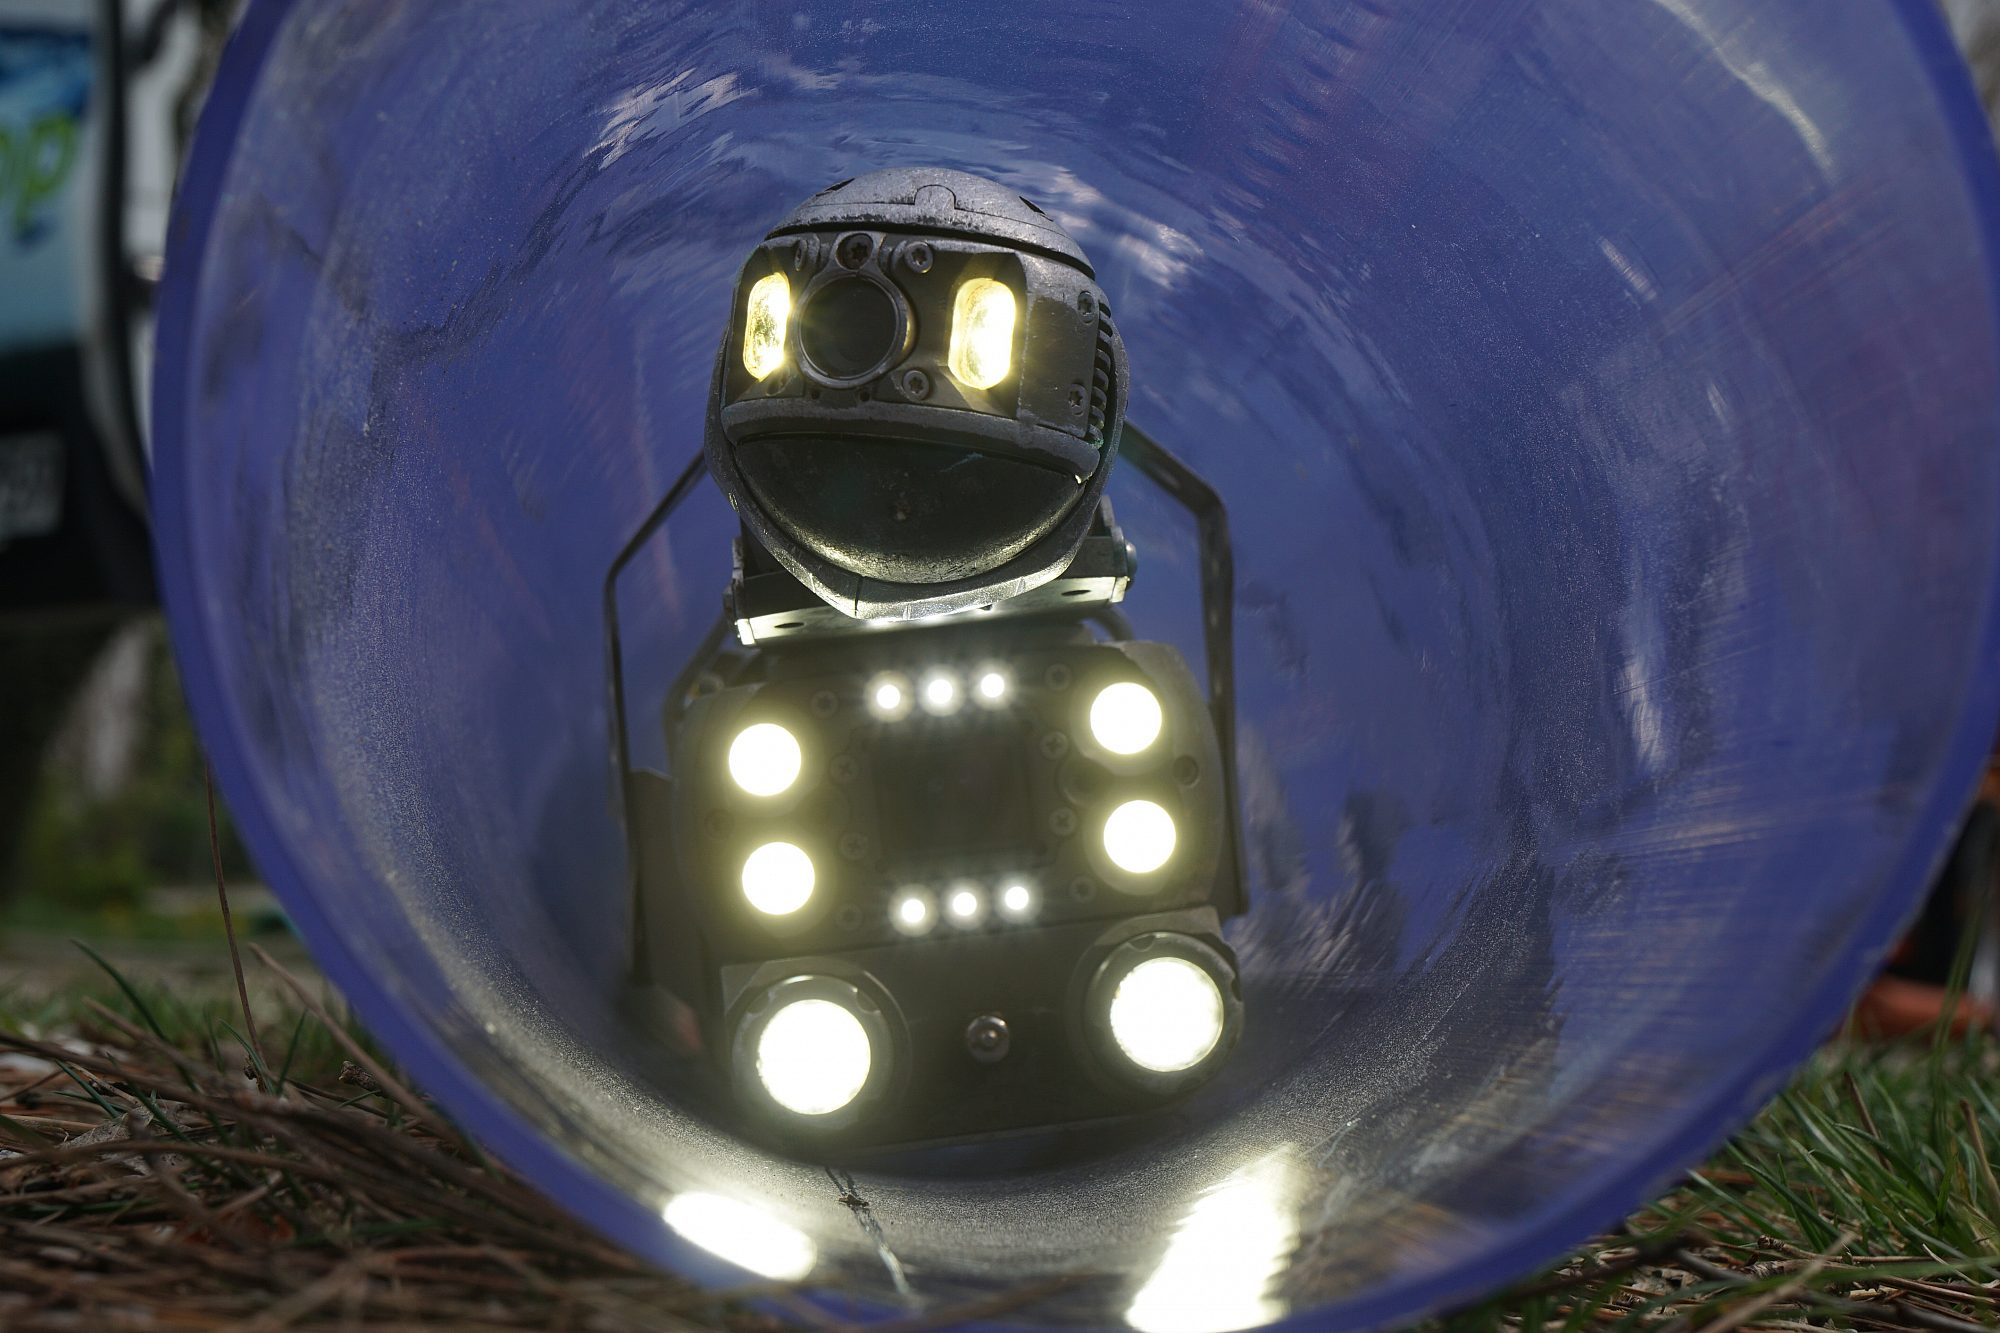 Der Einblick in ein Rohr zeigt einen Kanalroboter mit vielen Lampen, der gerade auf den Betrachter zufährt.